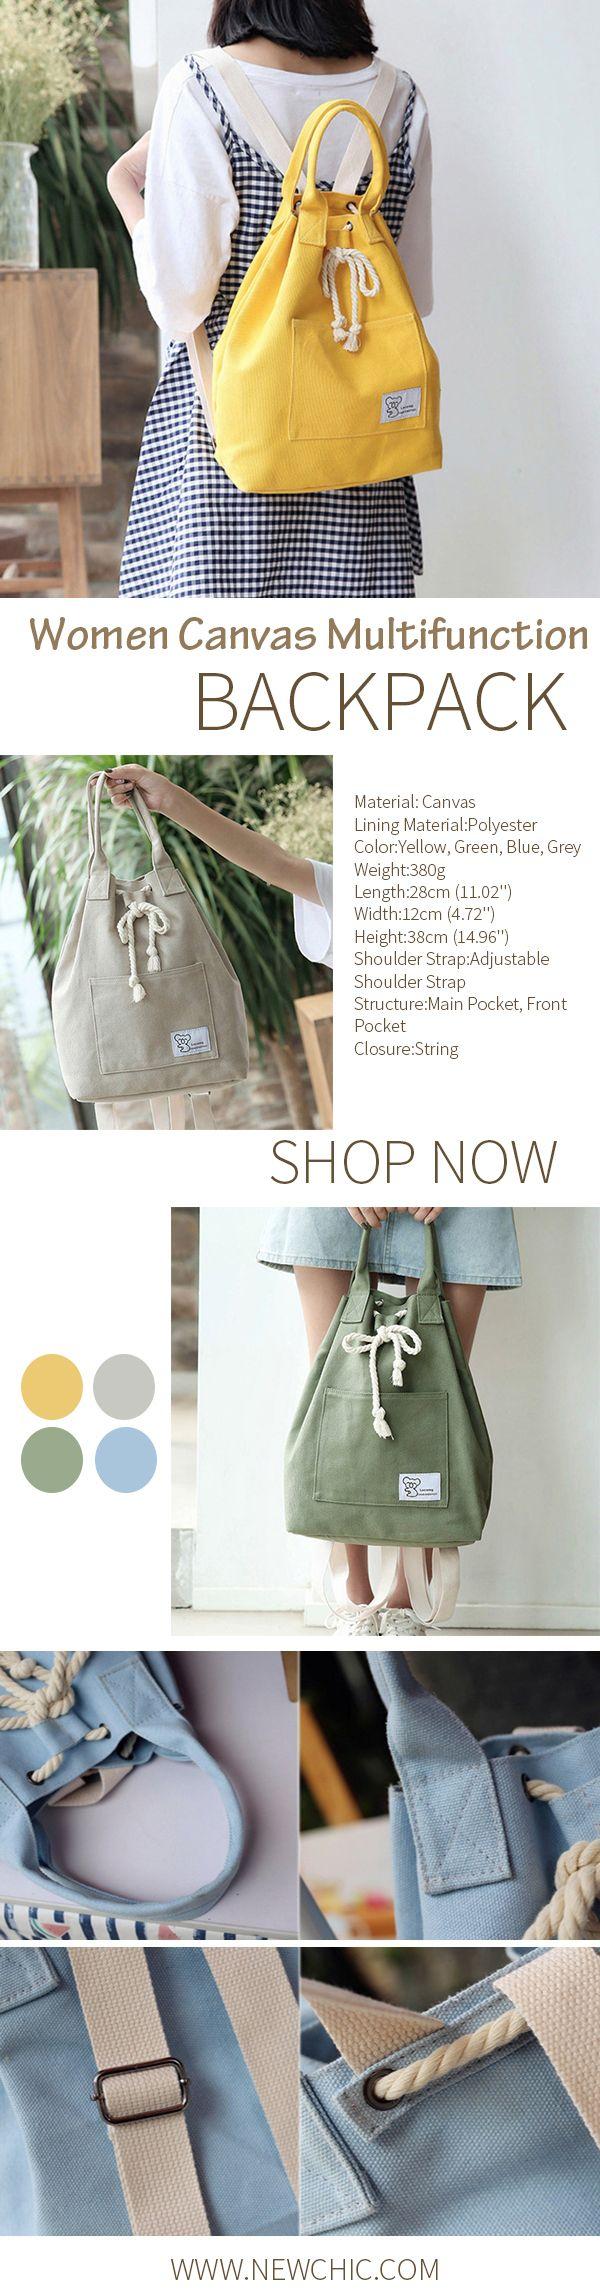 Women Canvas Multifunction Backpack String Large Capacity Waterproof Bucket Handbags